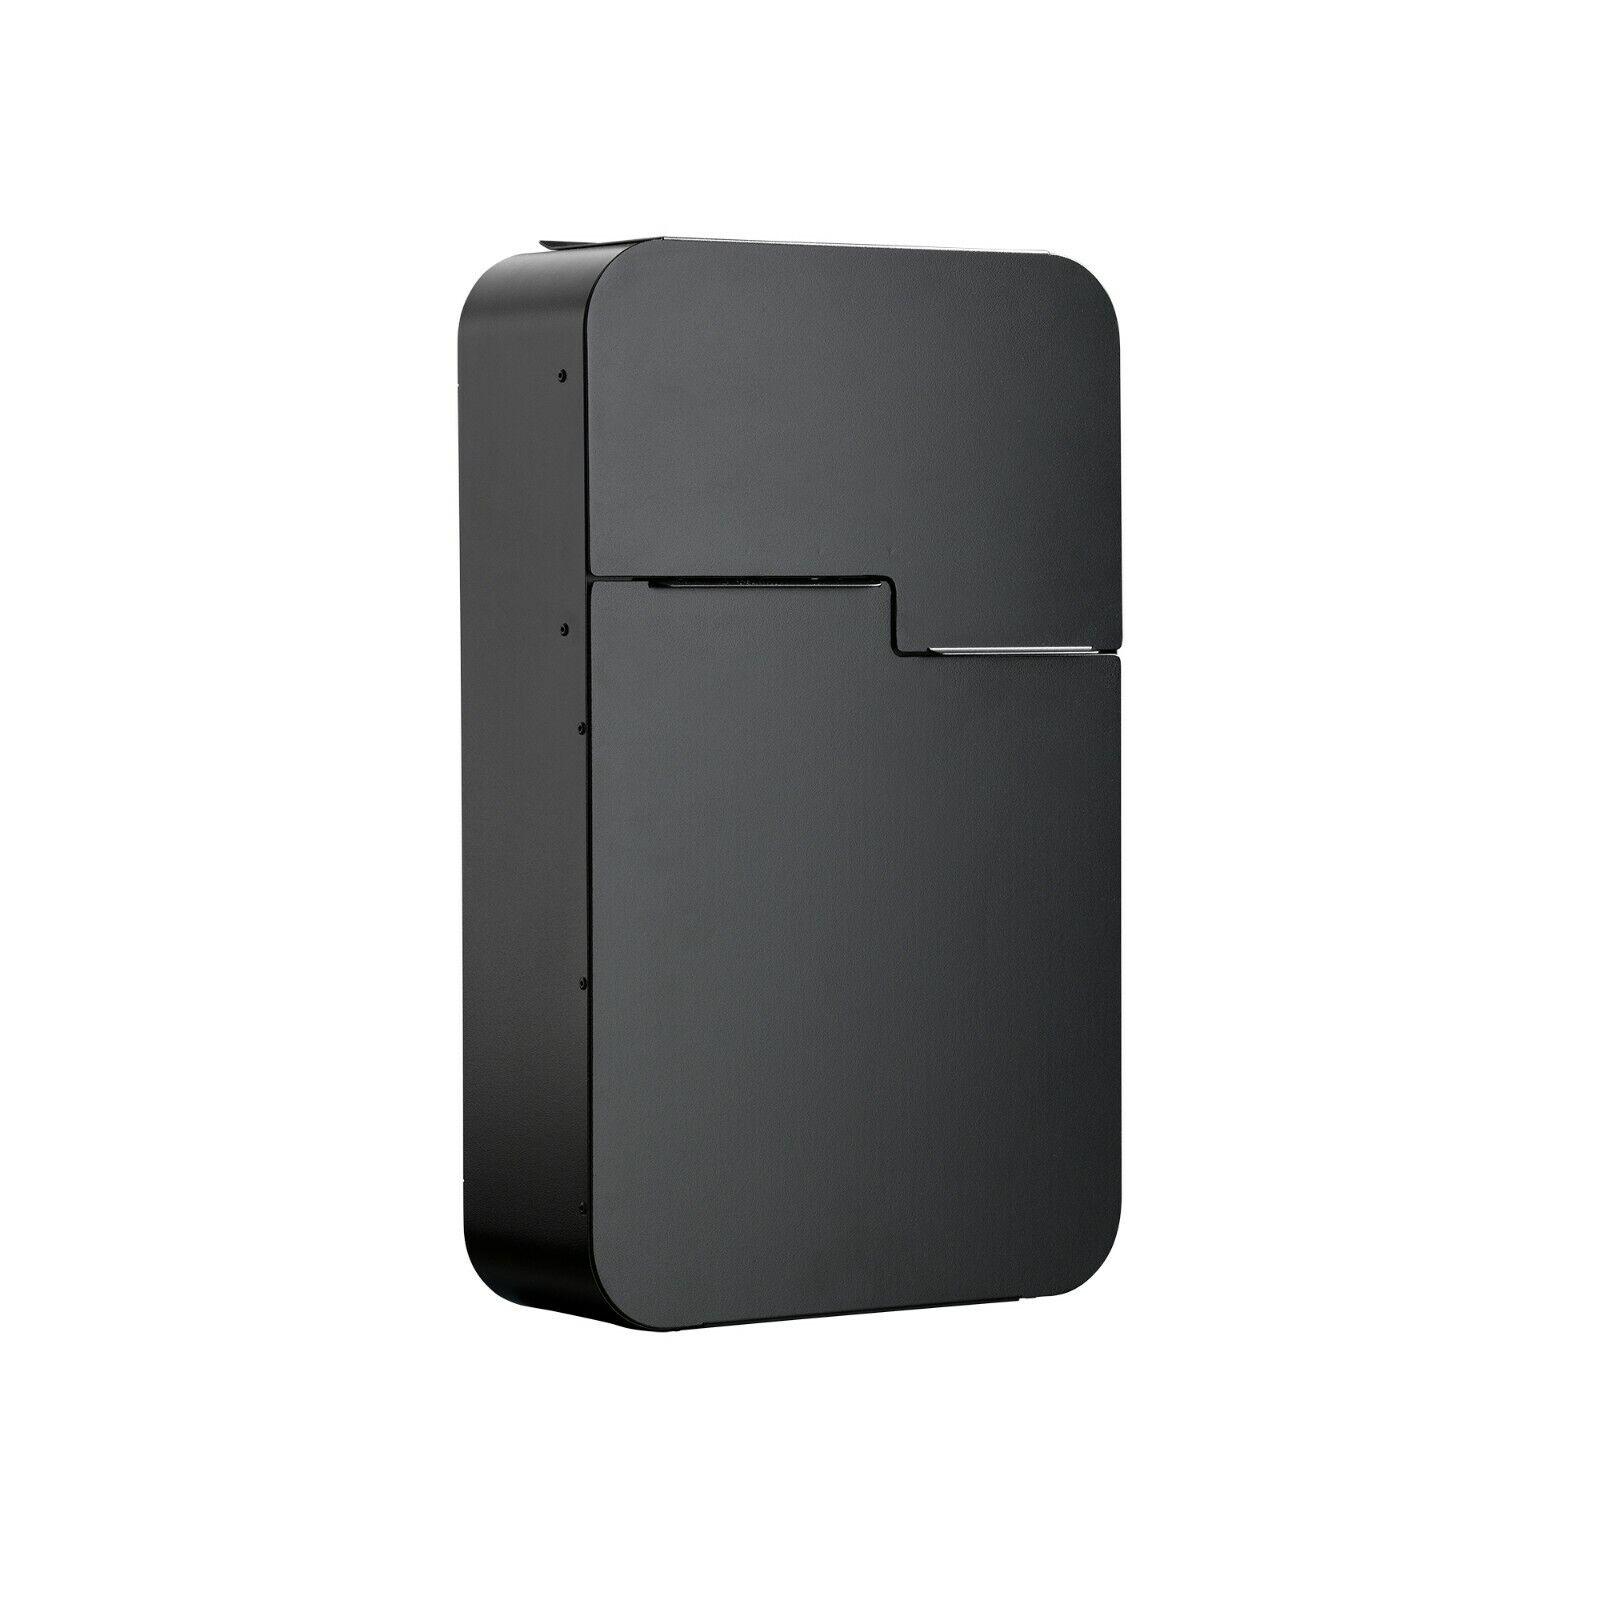 MEFA Retro (620) Tiefschwarz, Struktur - RAL 9005 | | | Üppiges Design  | Wirtschaftlich und praktisch  | Neuer Eintrag  7da1d9